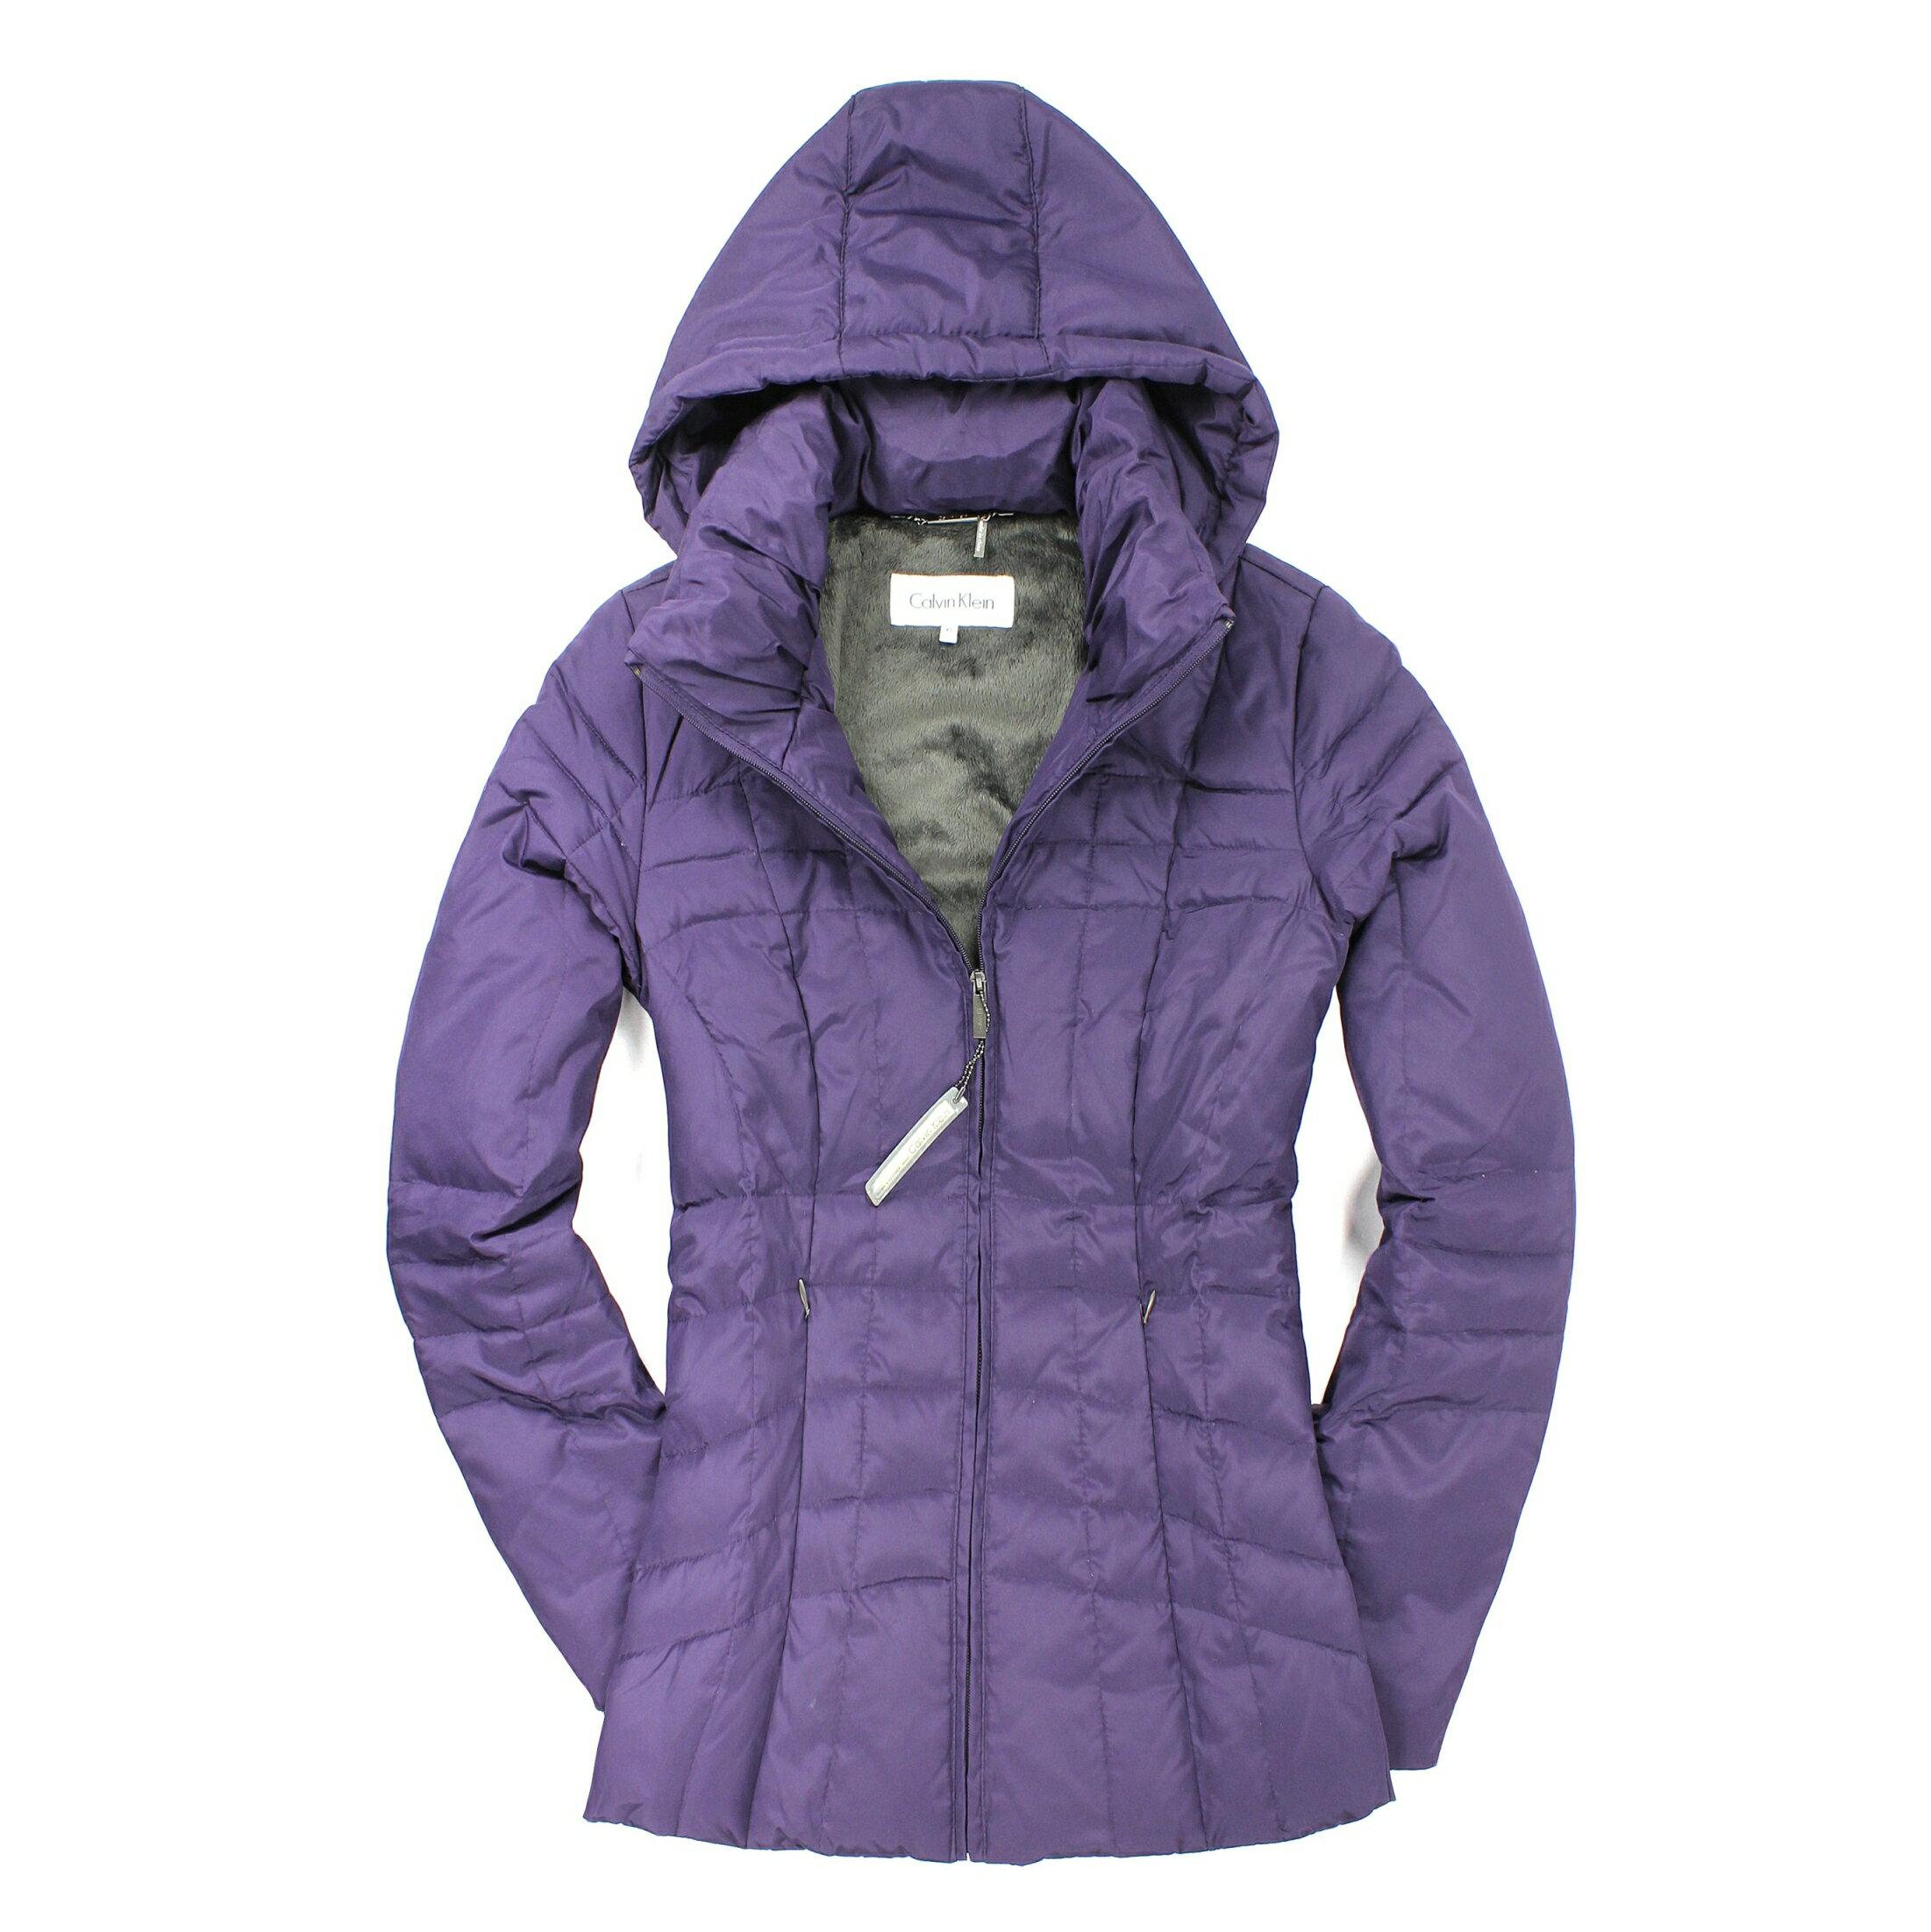 美國百分百【全新真品】Calvin Klein 外套 CK 羽絨外套 夾克 連帽 紫色 腰身 輕巧 女衣 XS號 B927